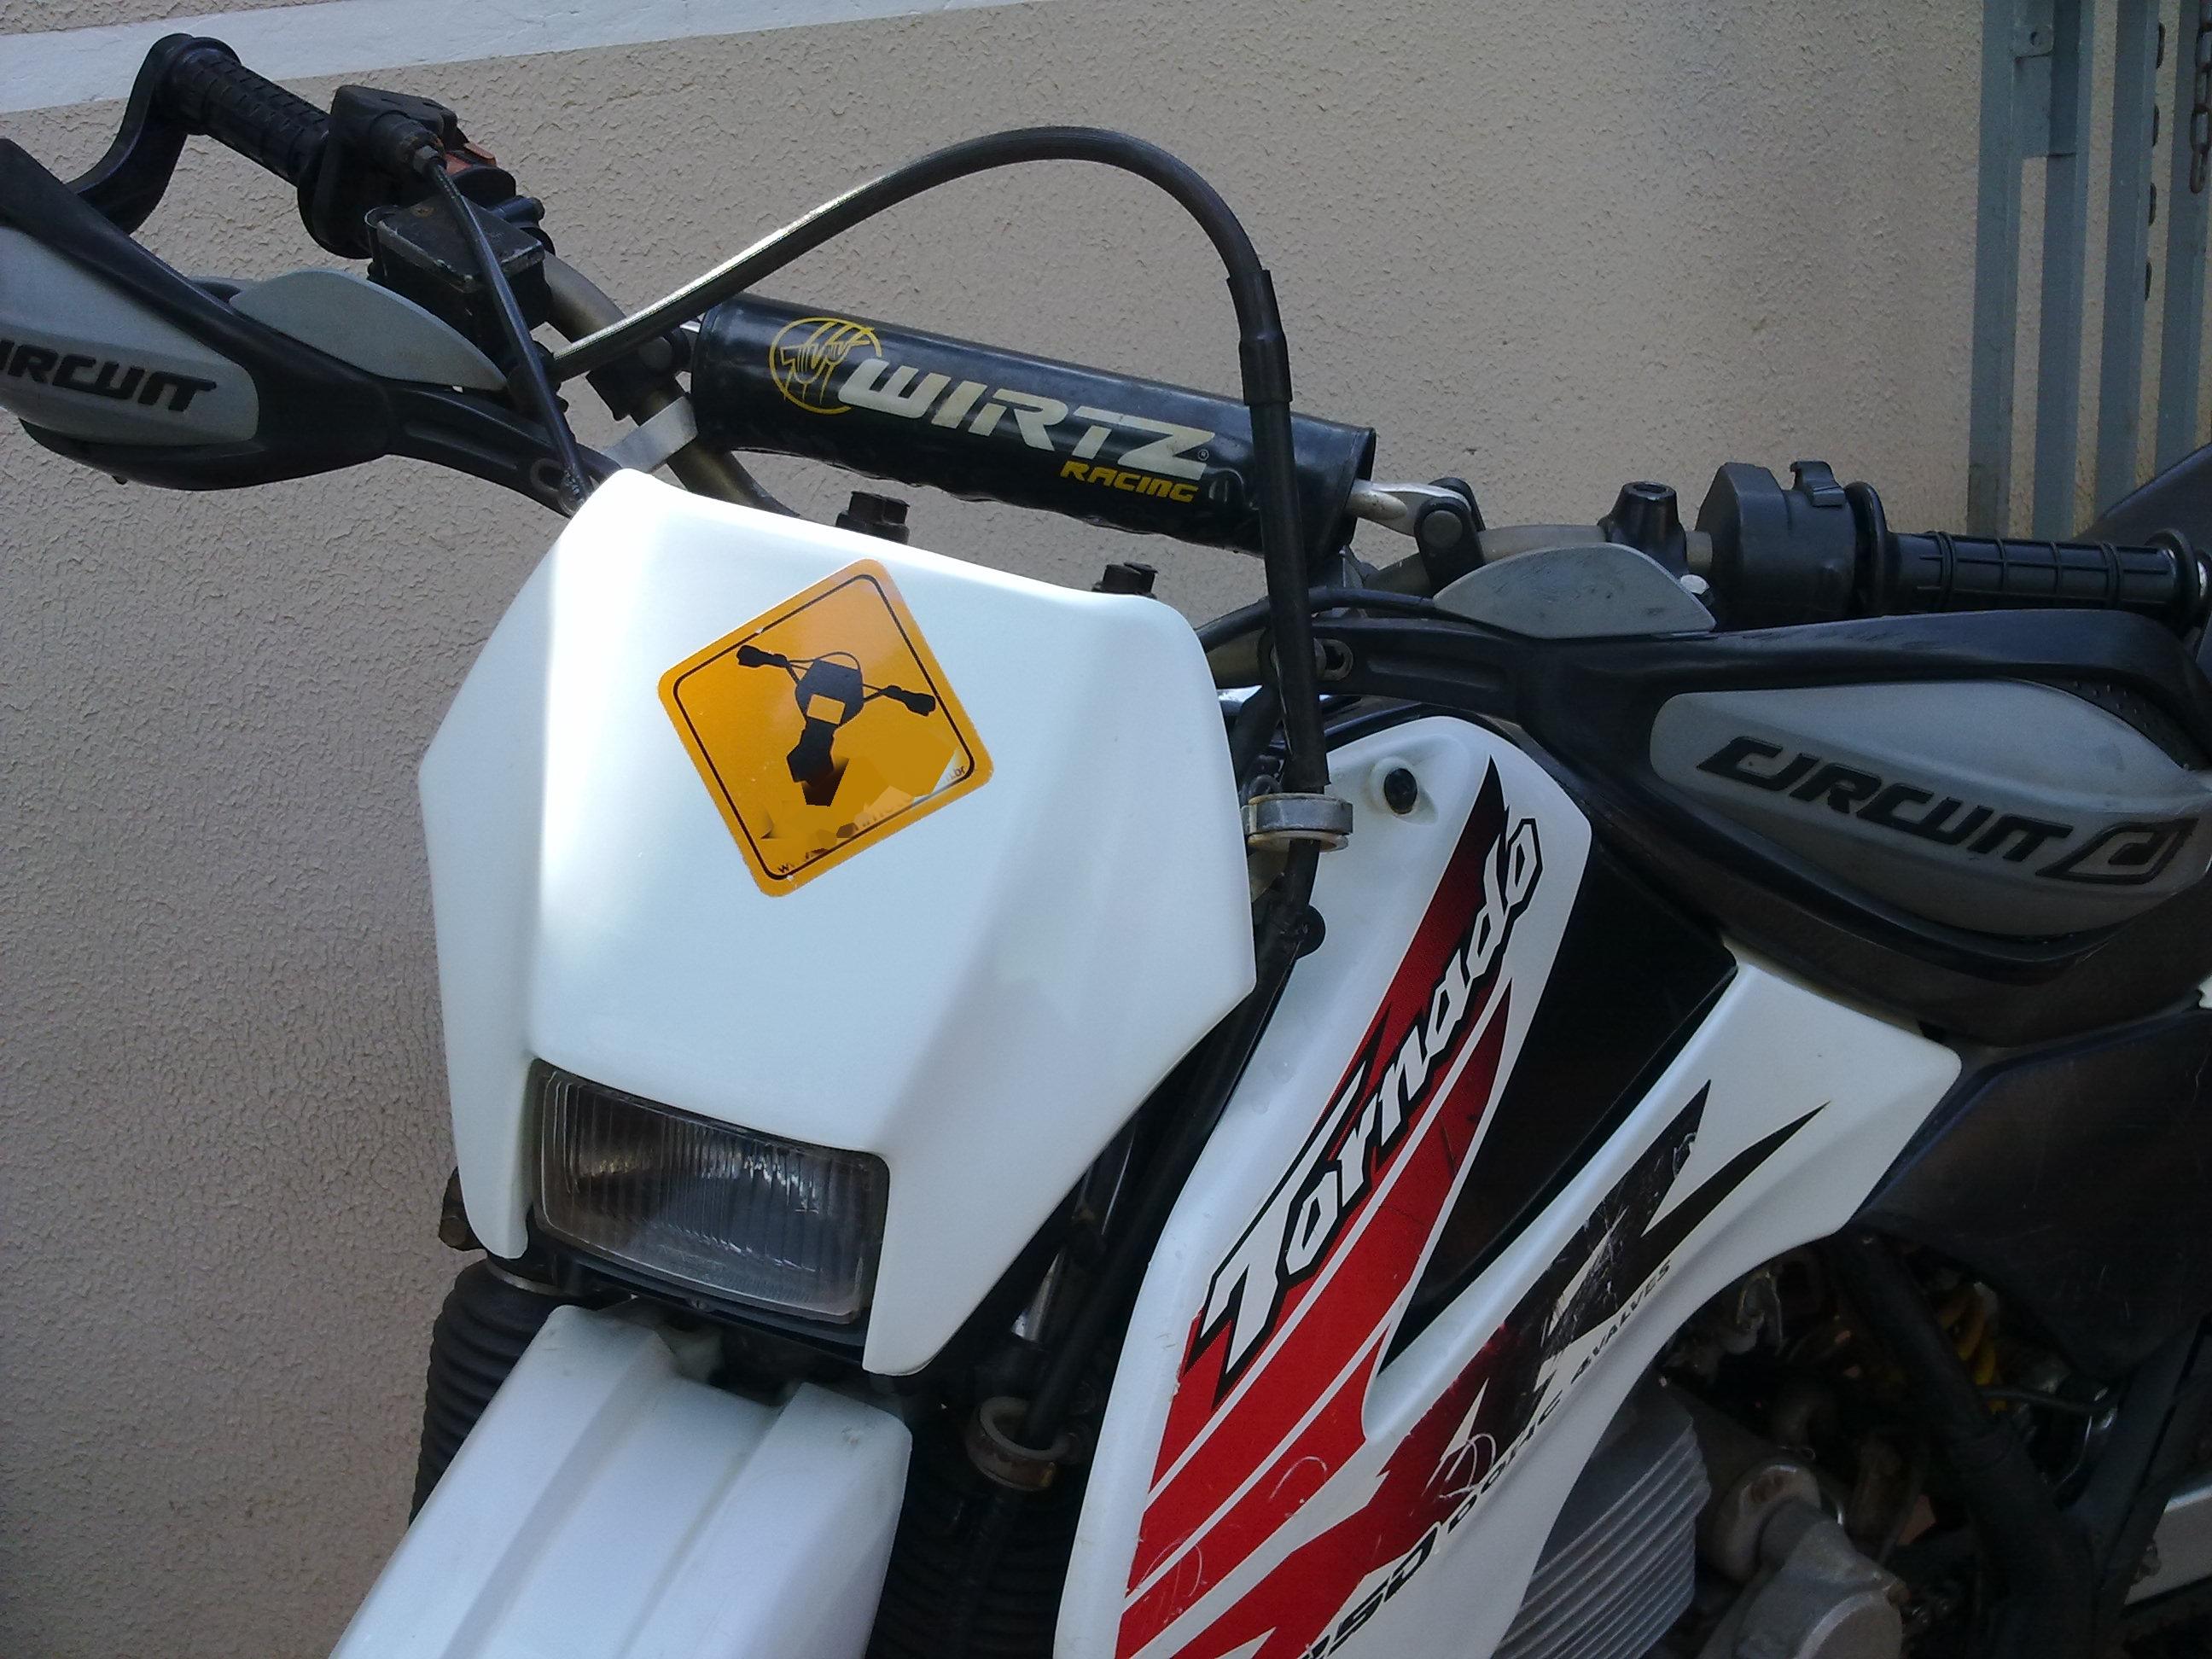 Honda Xr 250 Tornado Crf Cr Xr250 Xr 200 2002